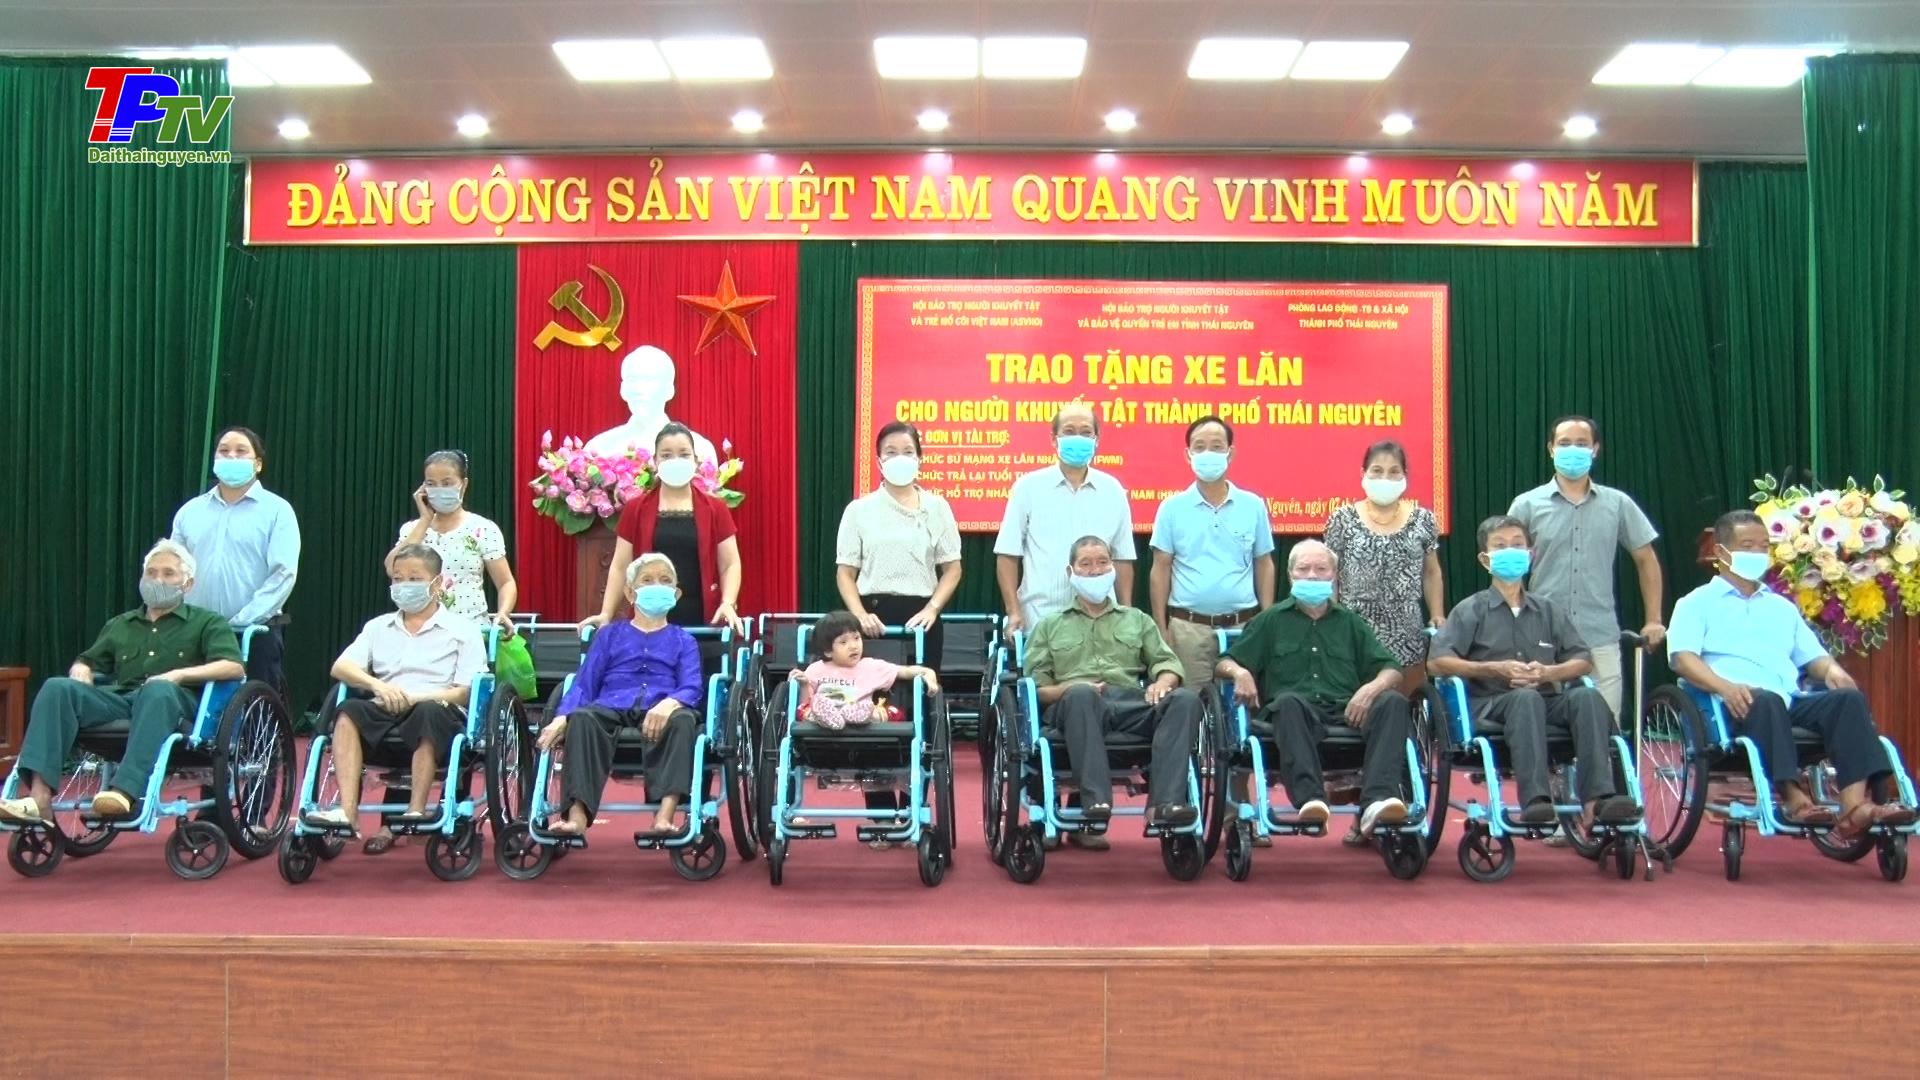 Trao tặng 20 xe lăn cho người khuyết tật hệ vận động ở thành phố Thái Nguyên.